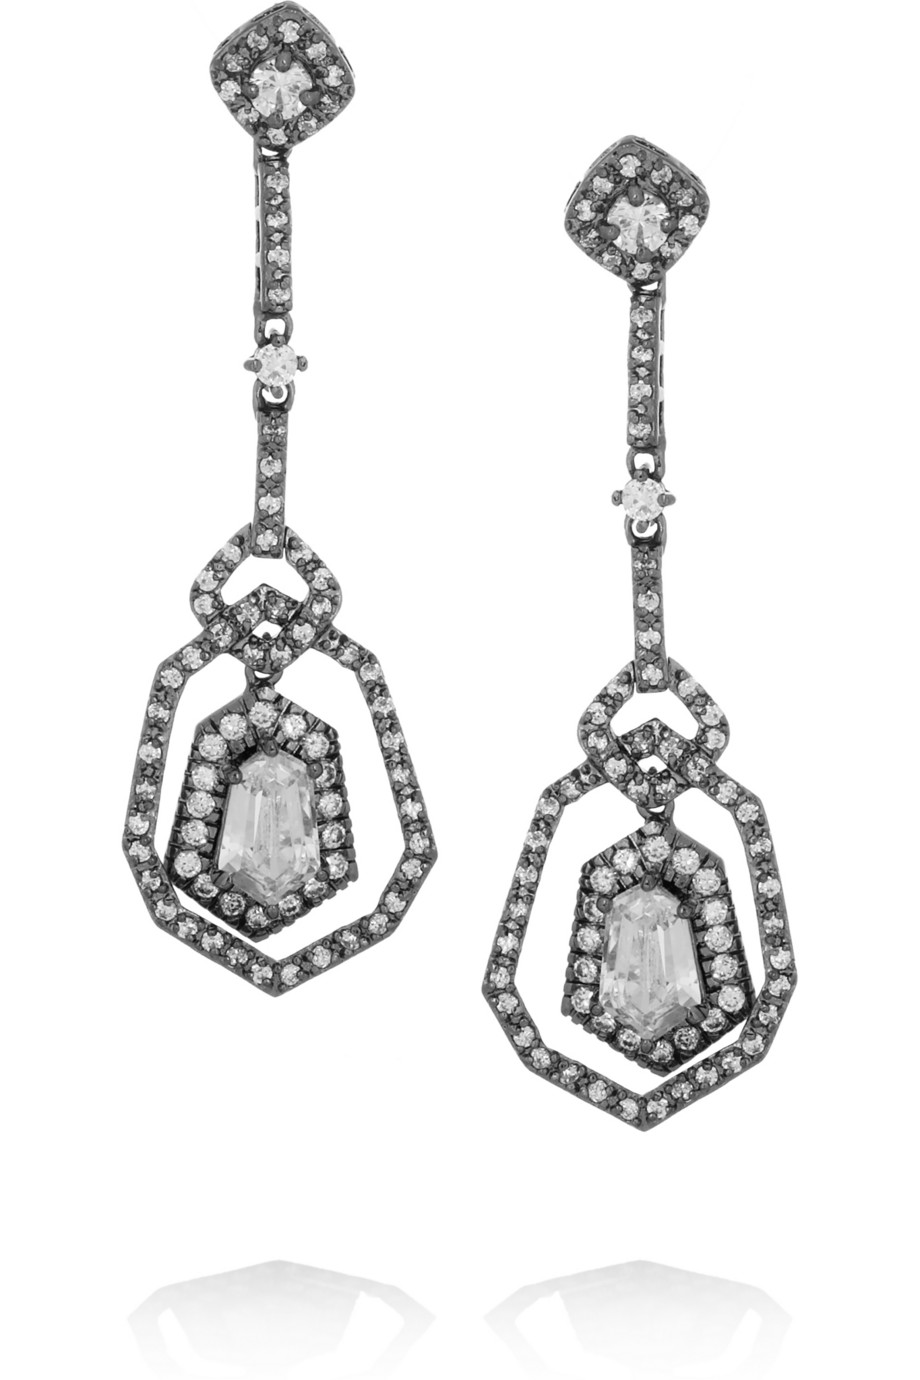 KJL drop earrings